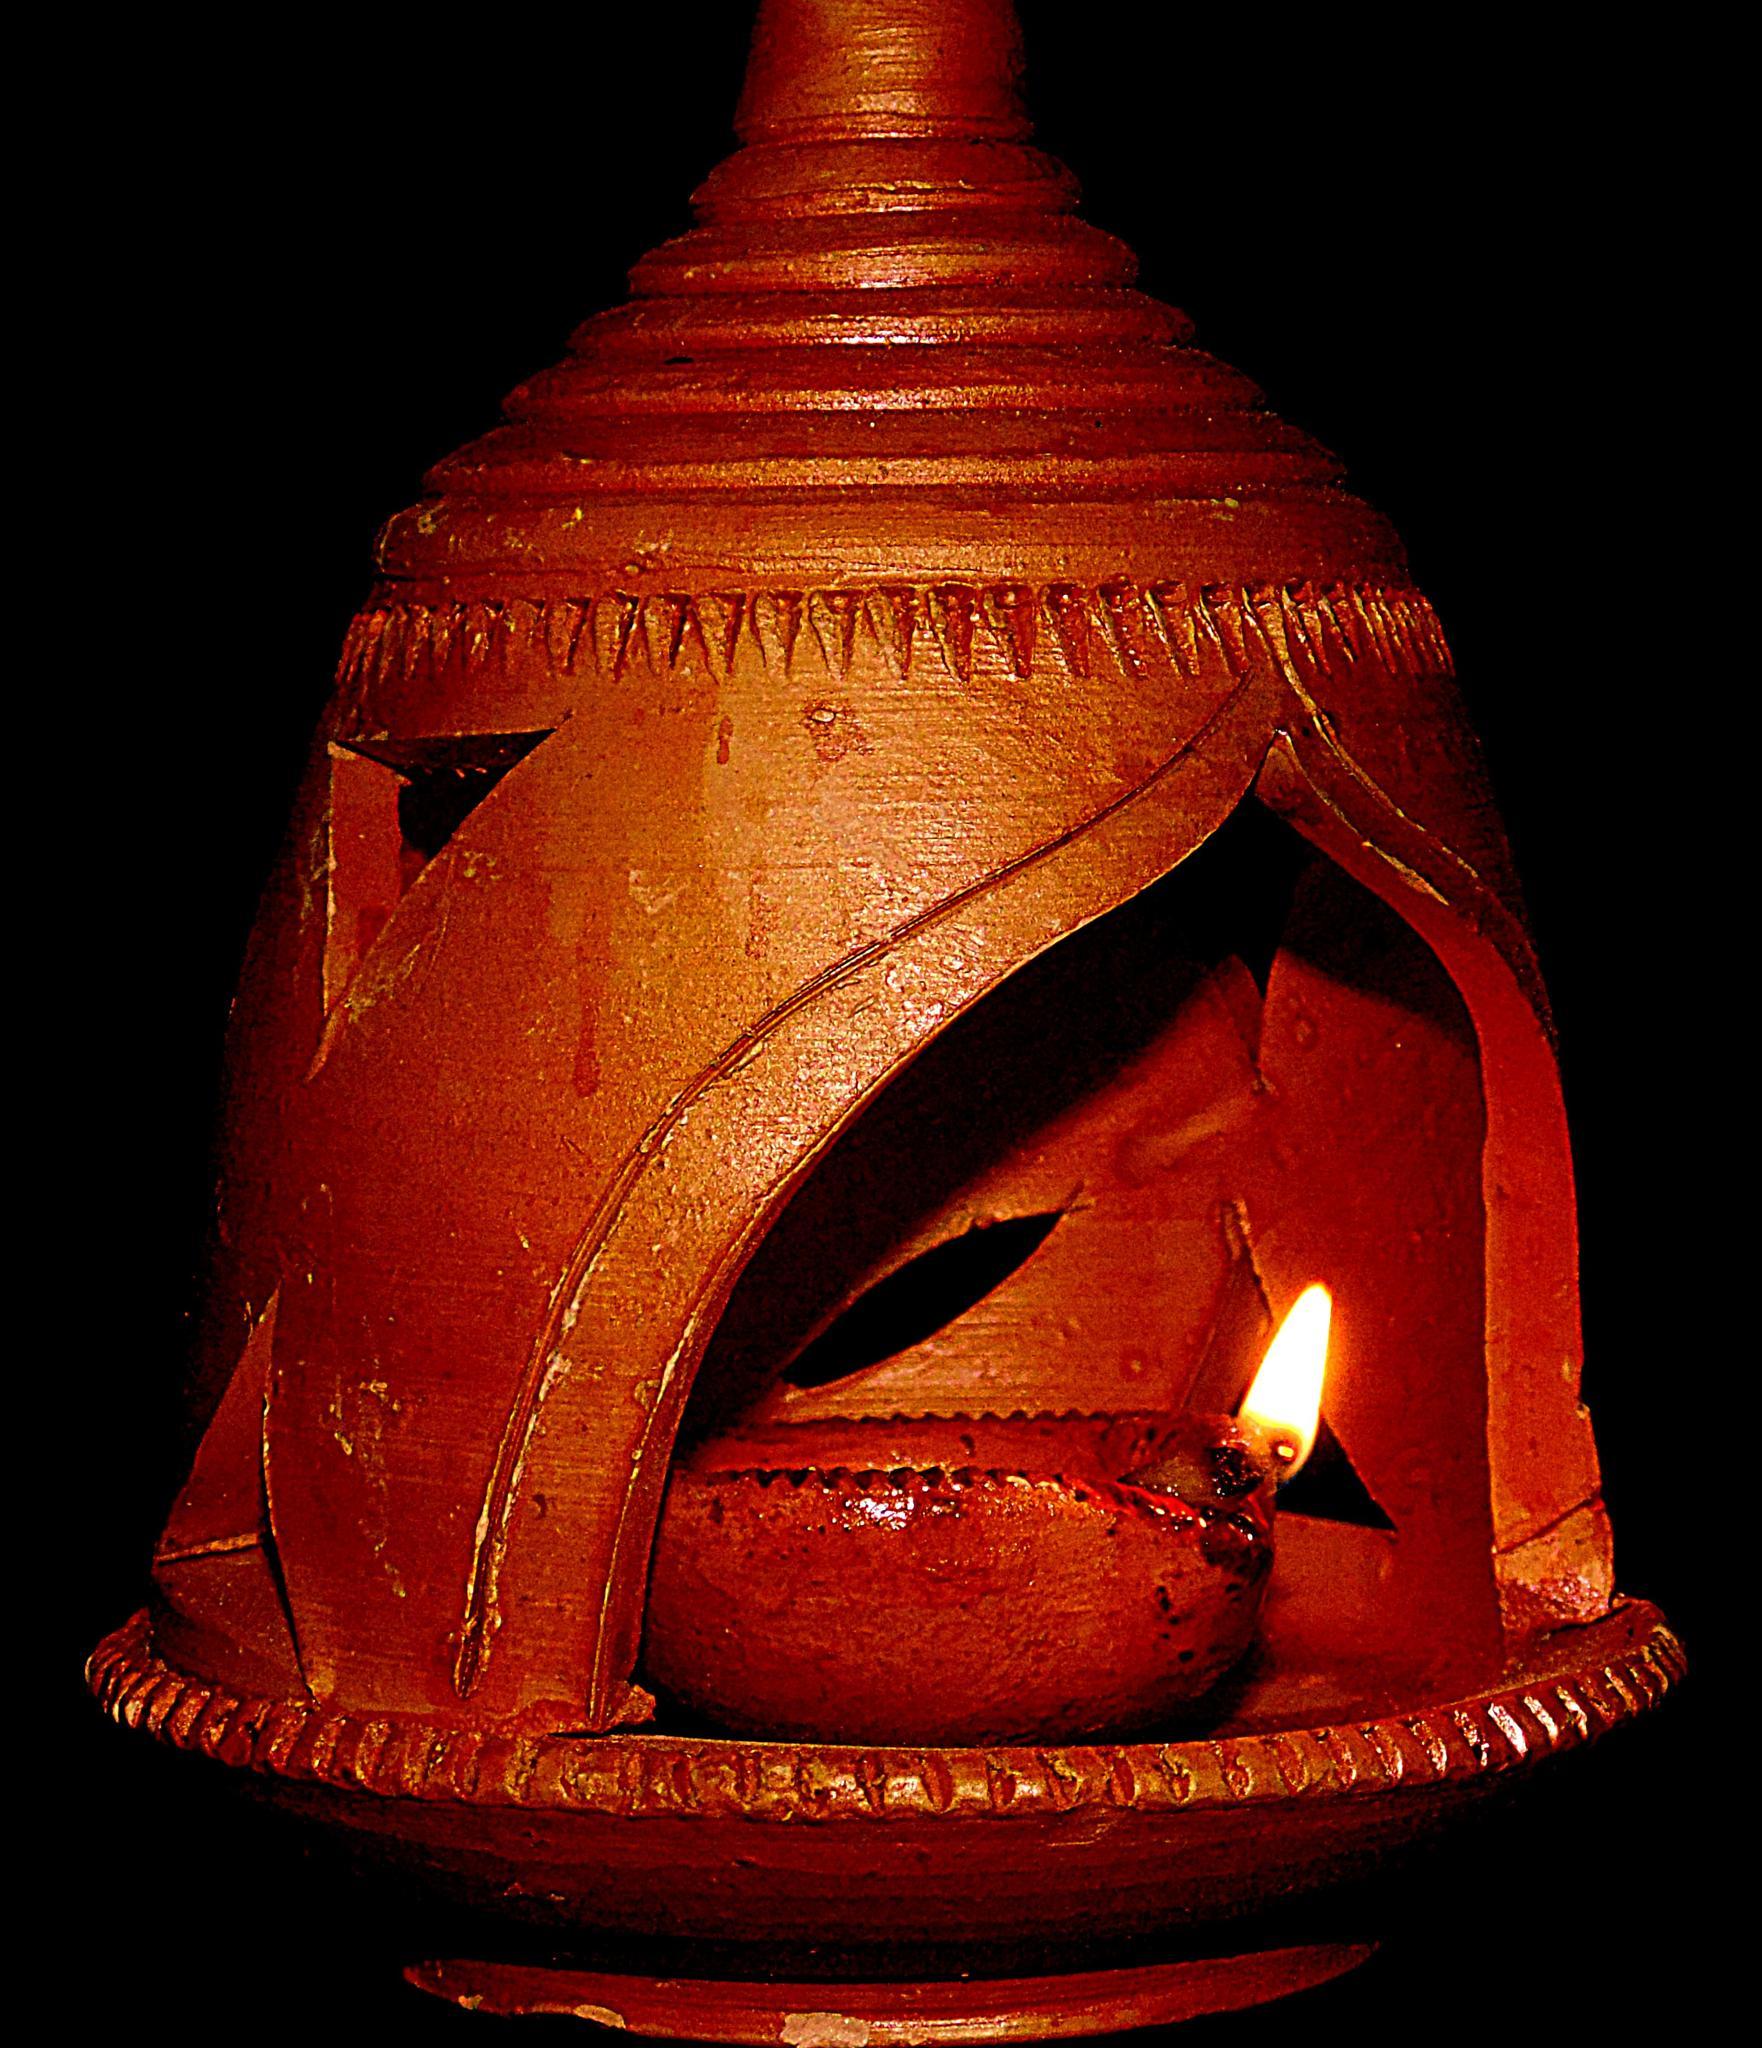 Diwali Diya by Rana Sarkar